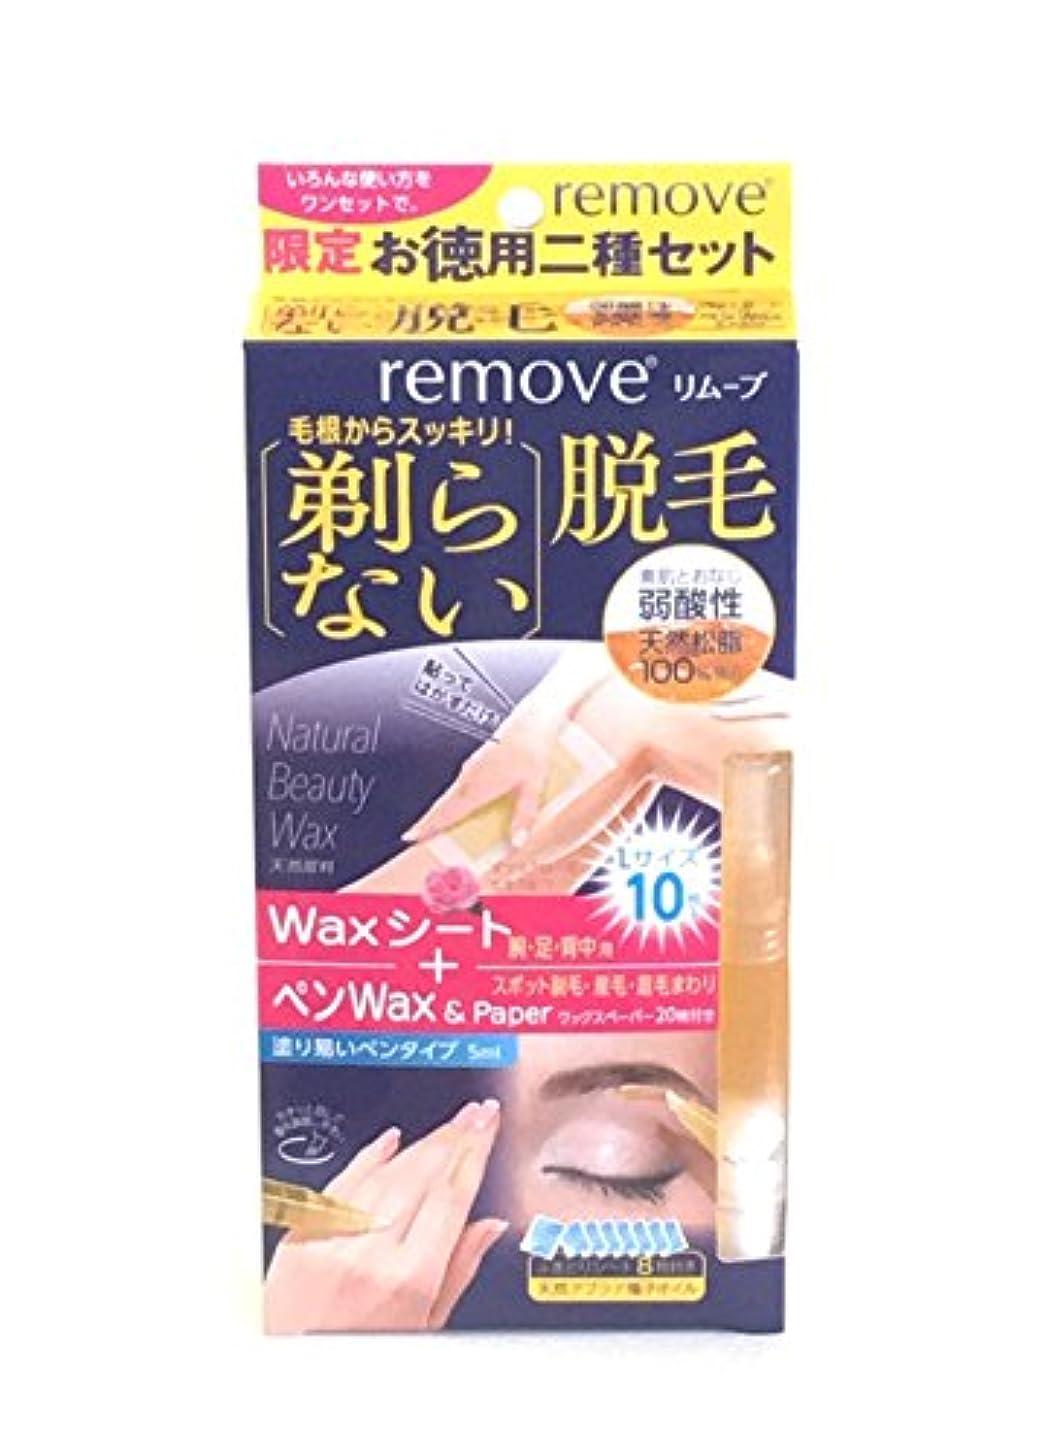 どんなときも免疫ではごきげんようリムーブ 剃らない脱毛 二種ワックスセット (ペンワックス 5ml、ワックスシート 10枚)